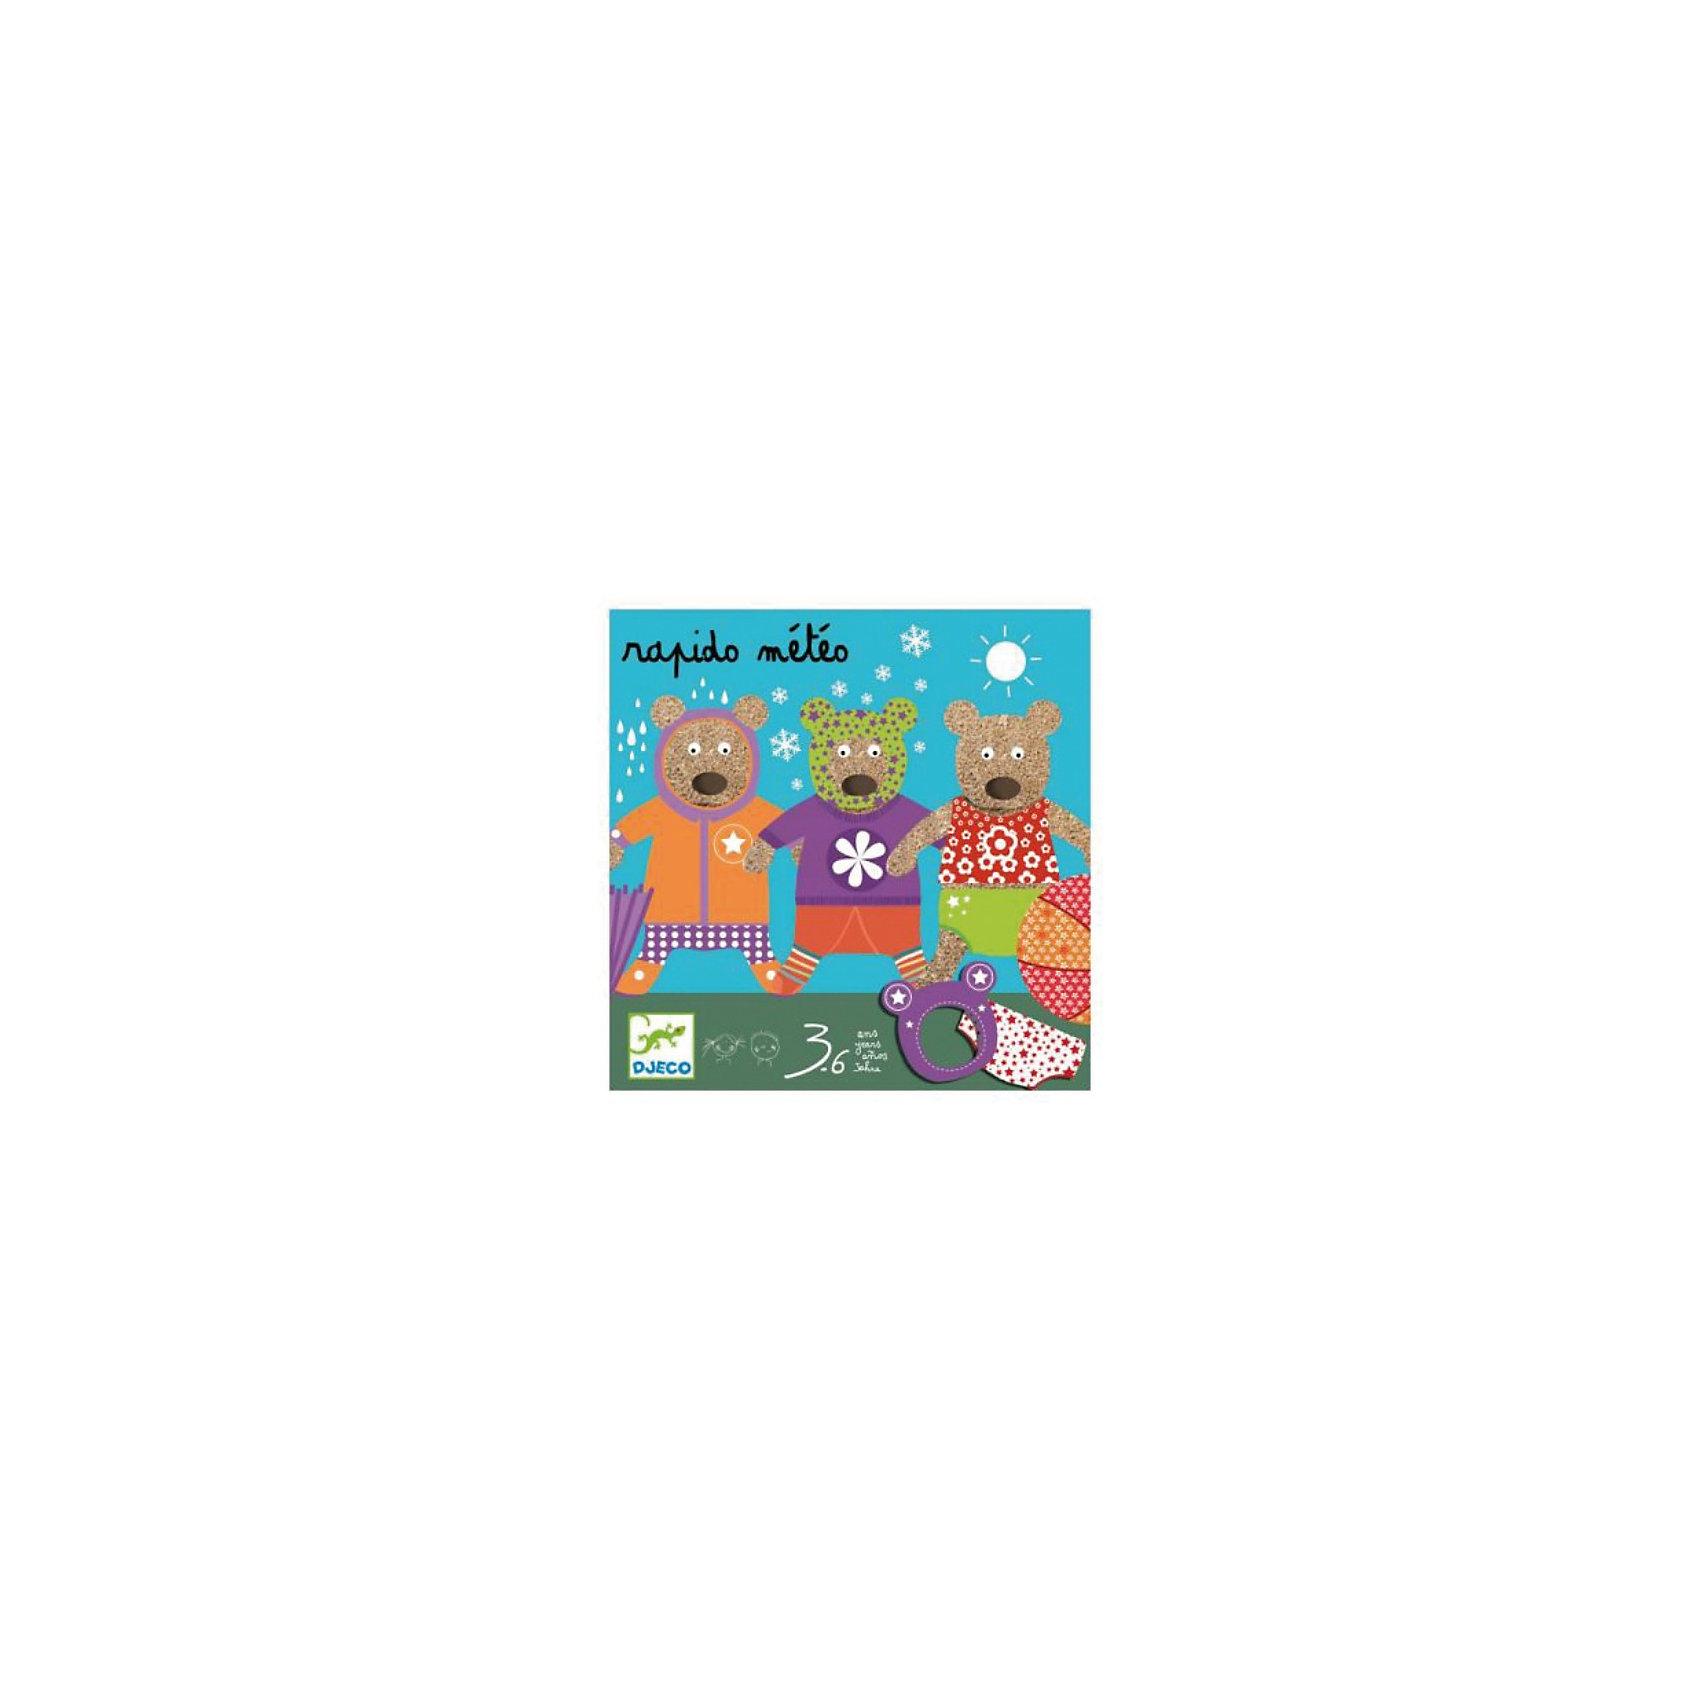 Игра Одень мишку!, DJECOРазвивающие игры<br>Игра «Одень мишку!» DJECO (Джеко) - увлекательная игра на развитие хорошей памяти, внимания и скорости реакции. В игре могут участвовать  2- 4 игрока. Каждый участник получает фигурку мишки и комплект одежды к нему. Ведущий вытягивает карту с изображением мишки и подробно описывает погоду и одежду, в которую он одет. <br>Задача остальных участников как можно быстрее одеть своего мишку, согласно заданным условиям. Игрок, который сделает это быстрее и правильнее всех, побеждает. <br><br>Дополнительная информация:<br><br>- В комплекте: 4 фигурки мишек, 36 деталей одежды, 24 карточки с заданиями, правила, коробка.<br>- Размер упаковки: 21,5 х 21,5 х 3 см.<br>- Вес: 0,322 кг. <br><br>Игру Одень мишку! DJECO (Джеко) можно купить в нашем магазине.<br><br>Ширина мм: 220<br>Глубина мм: 220<br>Высота мм: 30<br>Вес г: 300<br>Возраст от месяцев: 36<br>Возраст до месяцев: 72<br>Пол: Унисекс<br>Возраст: Детский<br>SKU: 3193441